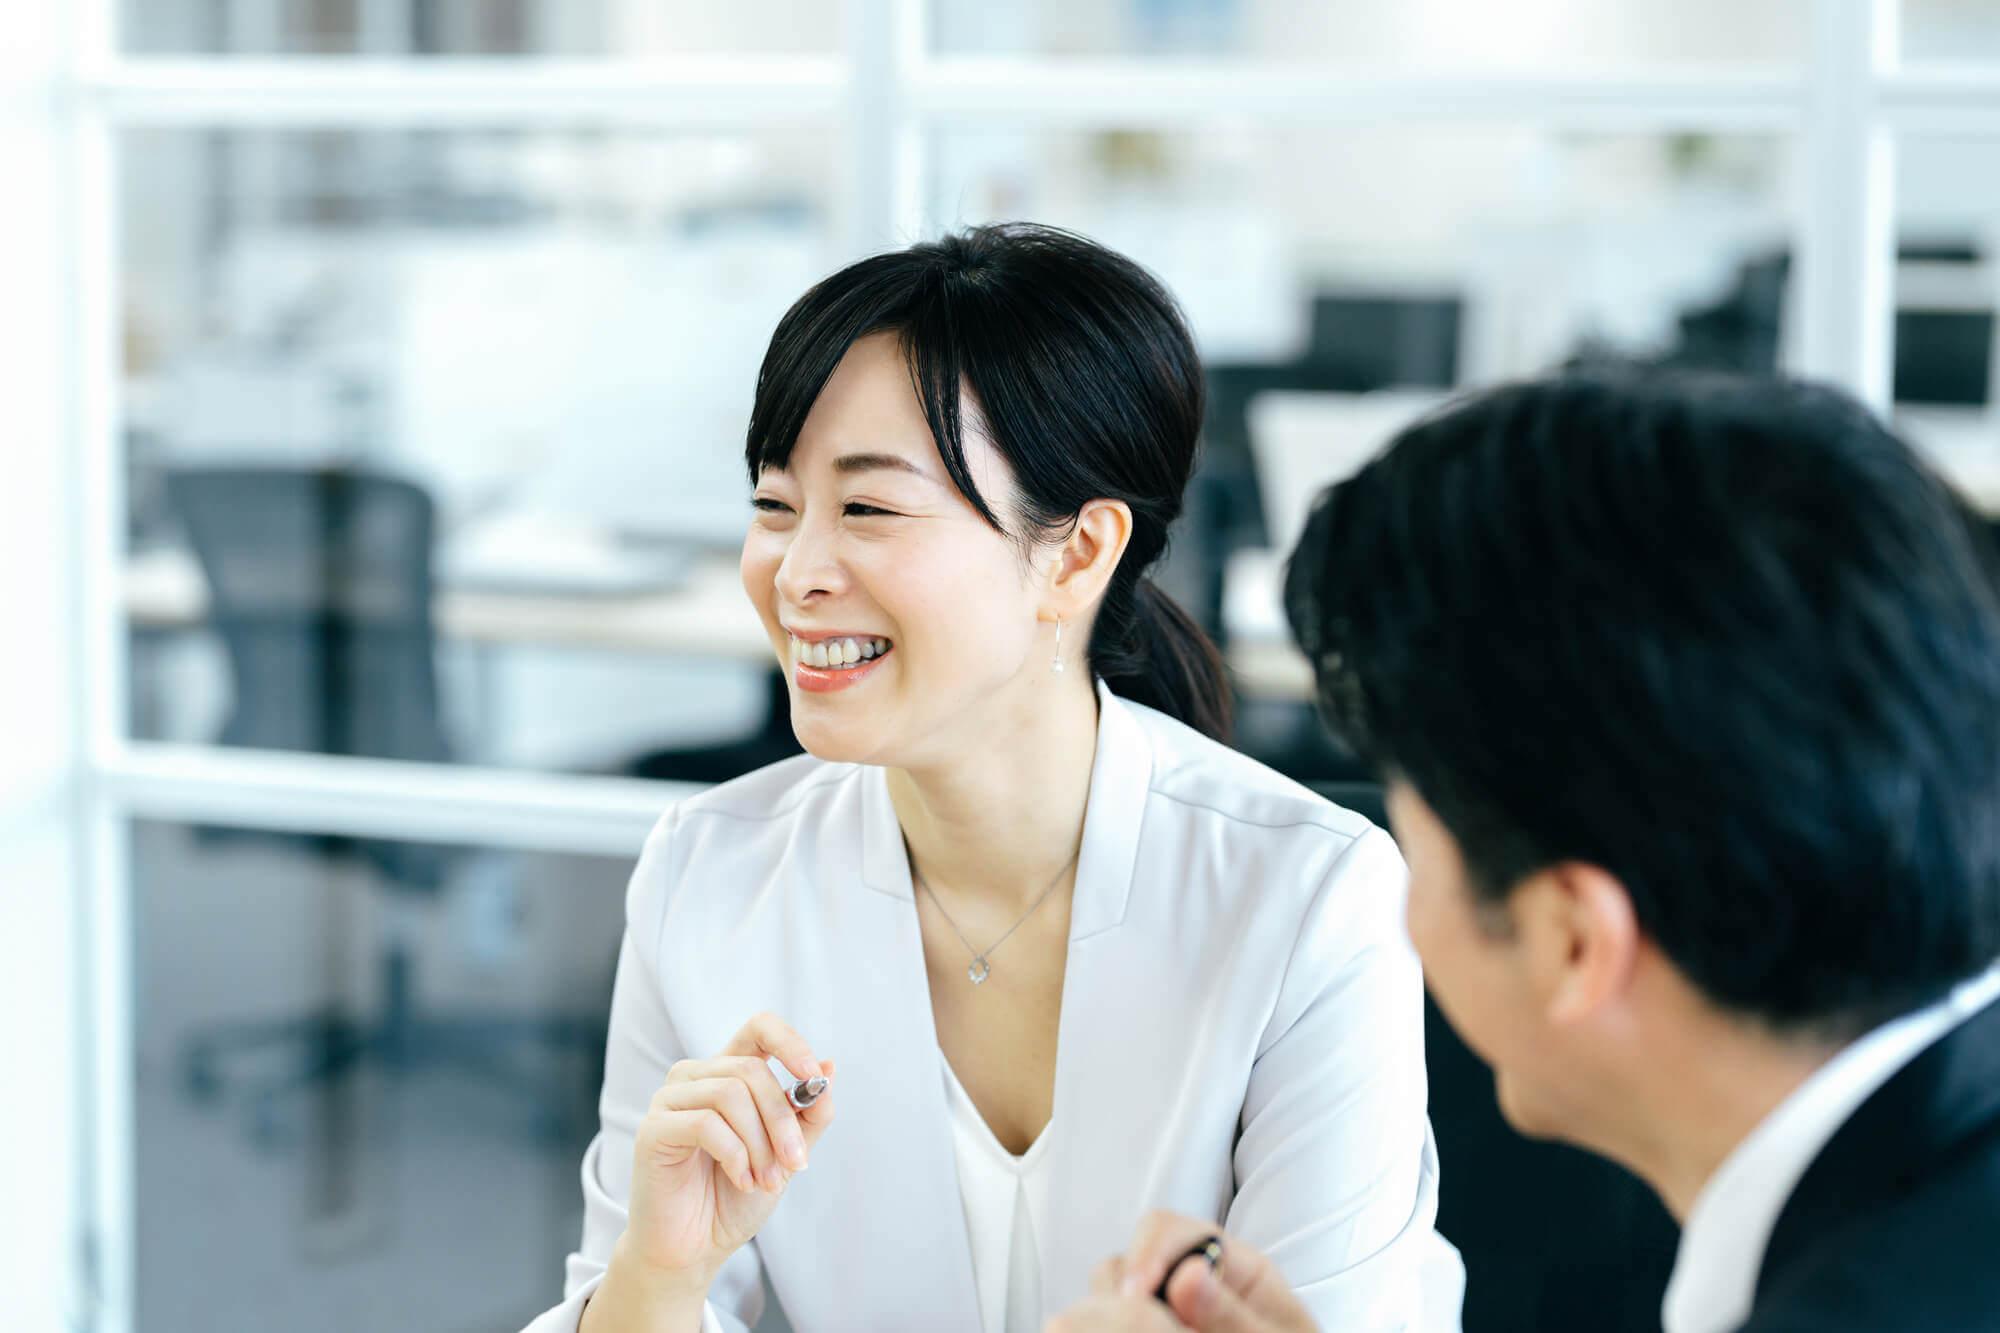 転職が成功して笑顔の40代女性